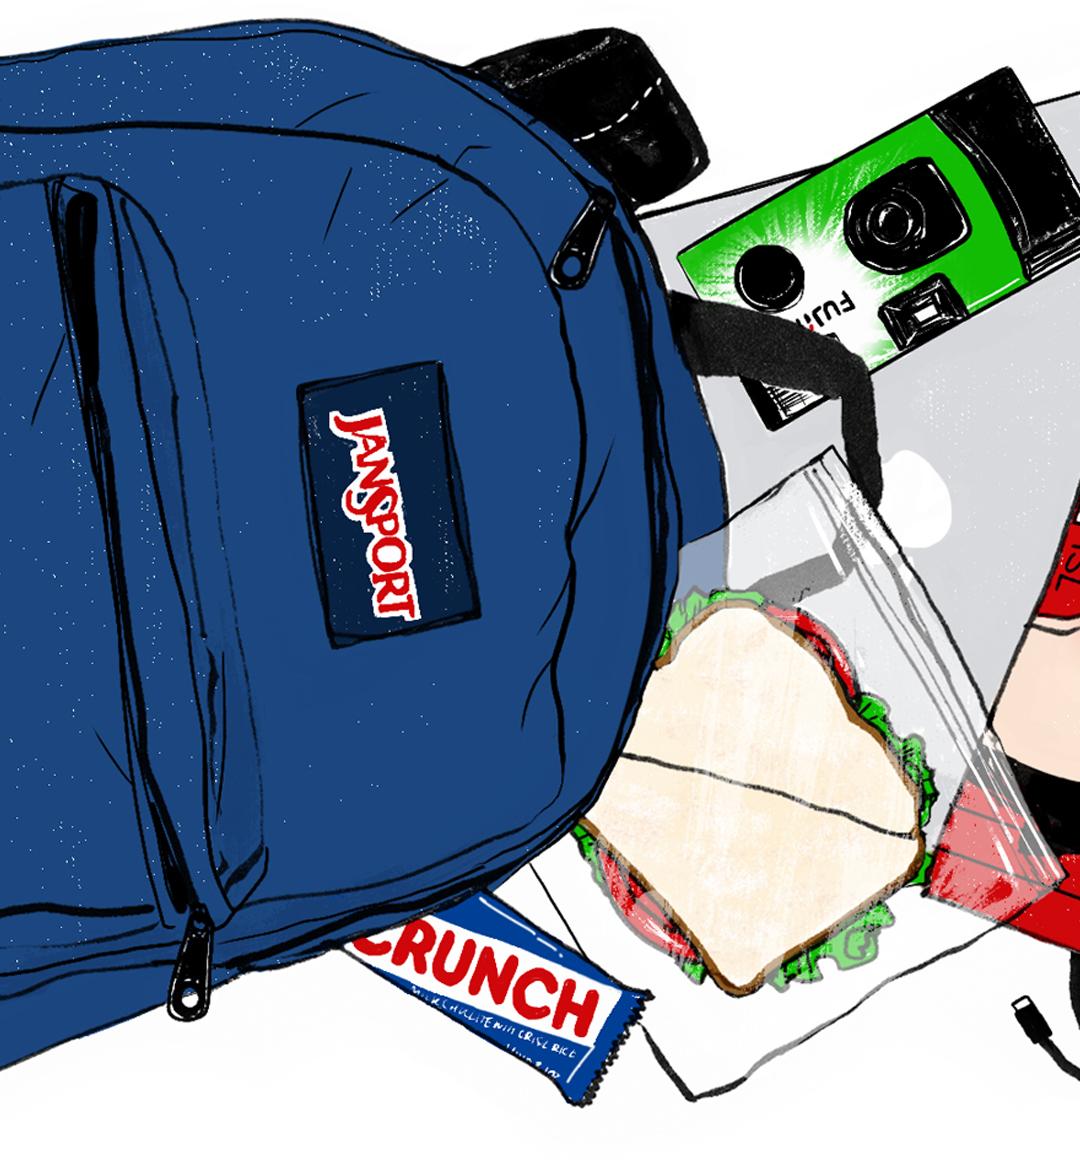 jansport backpakc amanda lanzone mobilehero